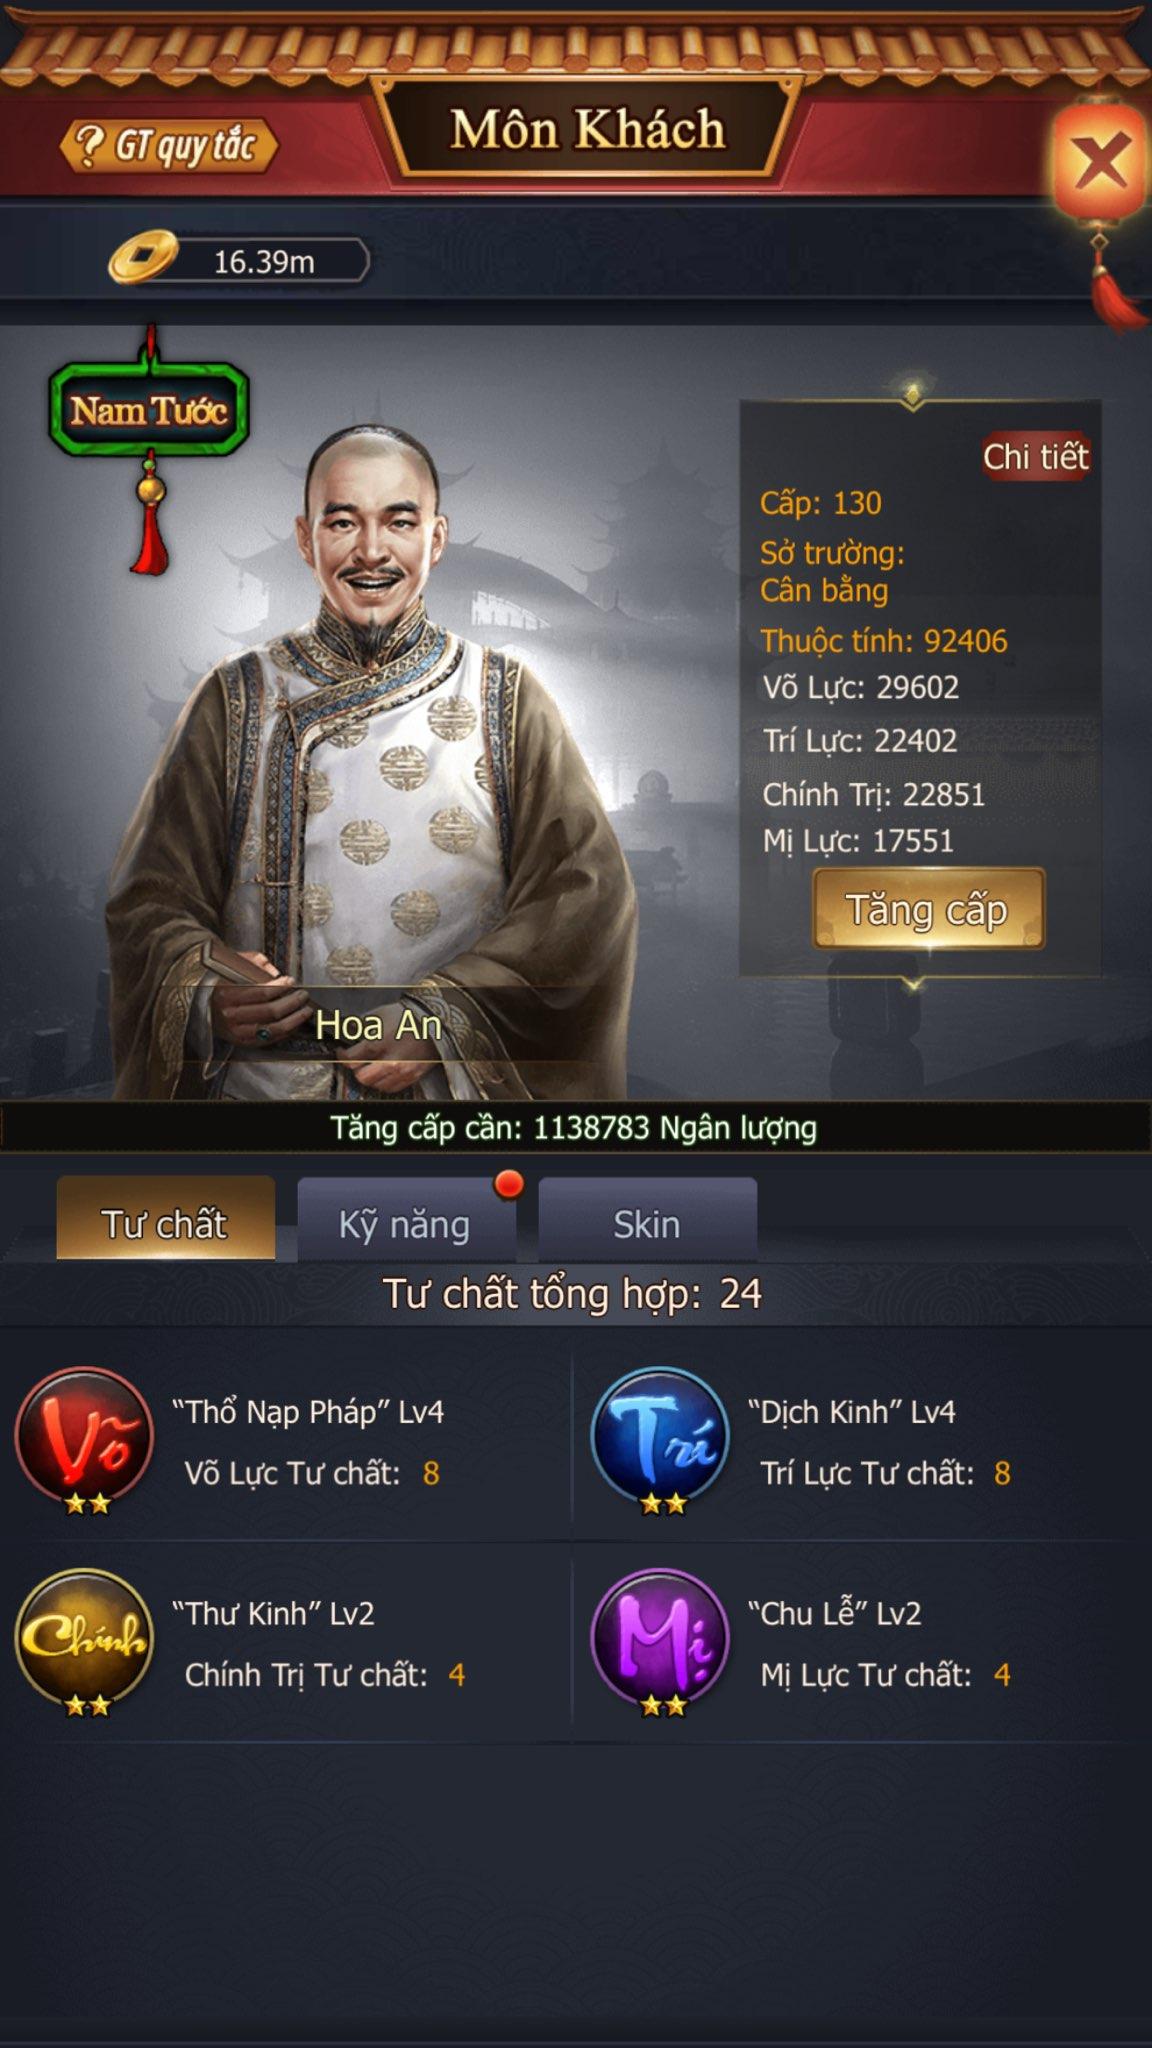 Cách chơi Ta Là Quan Lão Gia hiệu quả nhất | VTC Pay Blog